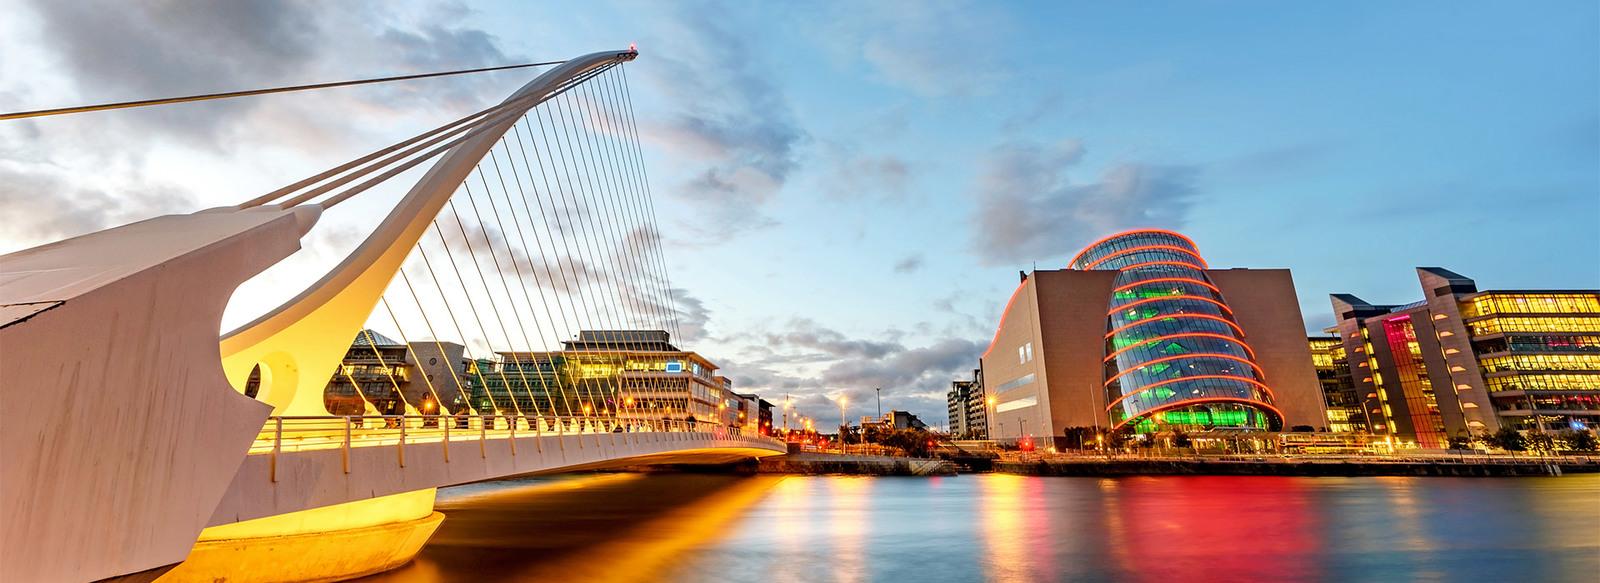 Irlanda a tavola: degusta il salmone irlandese e visita una distilleria di whiskey